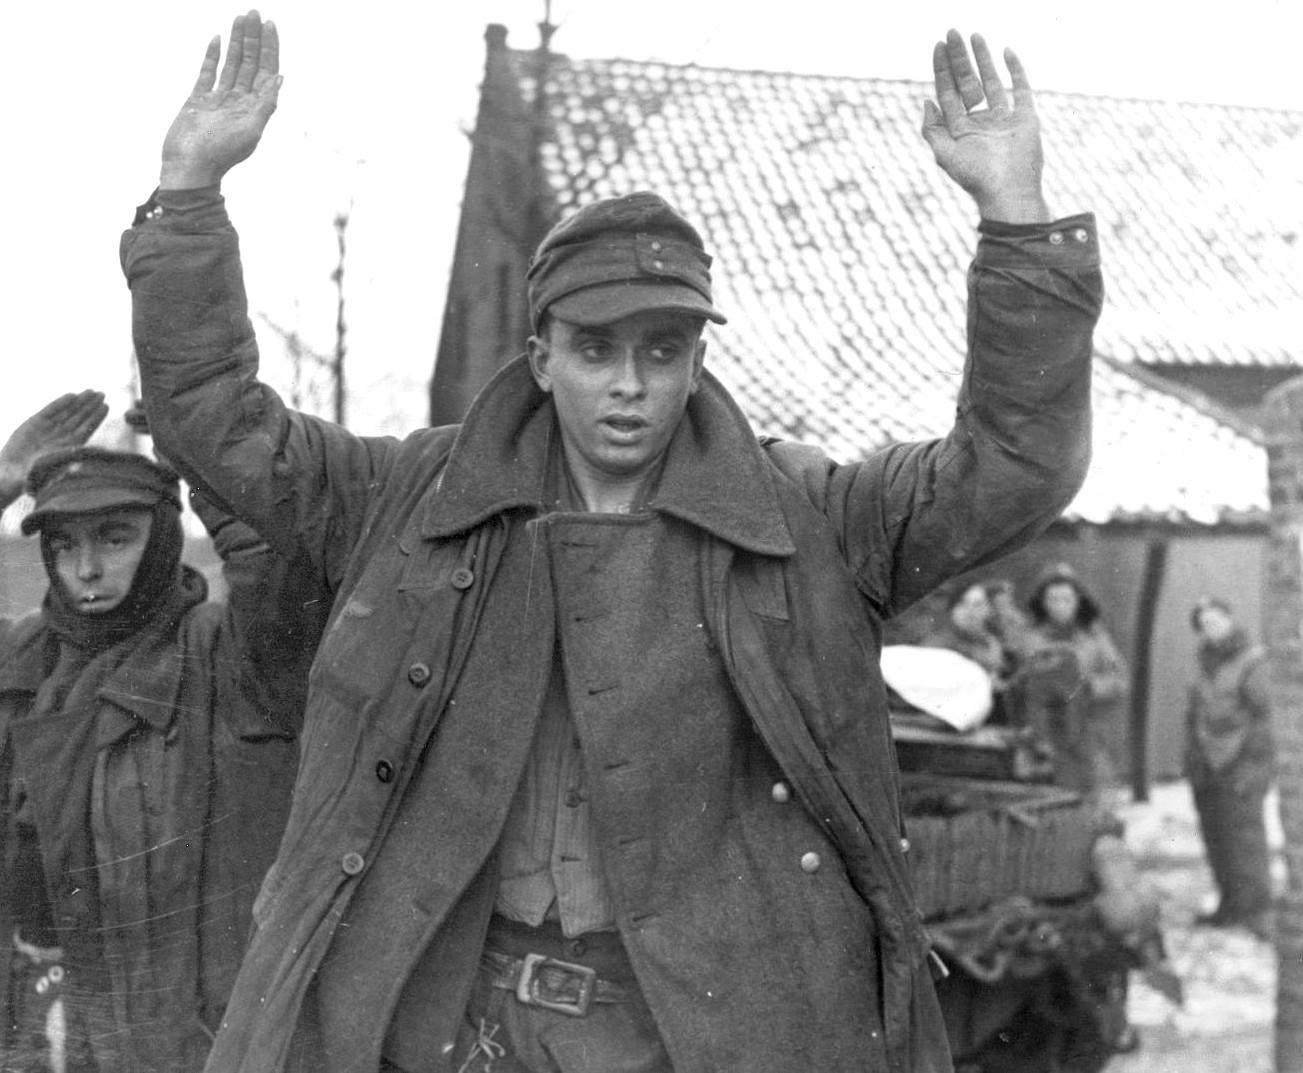 Порно великая отечественная война немецкие солдаты и наши женщины